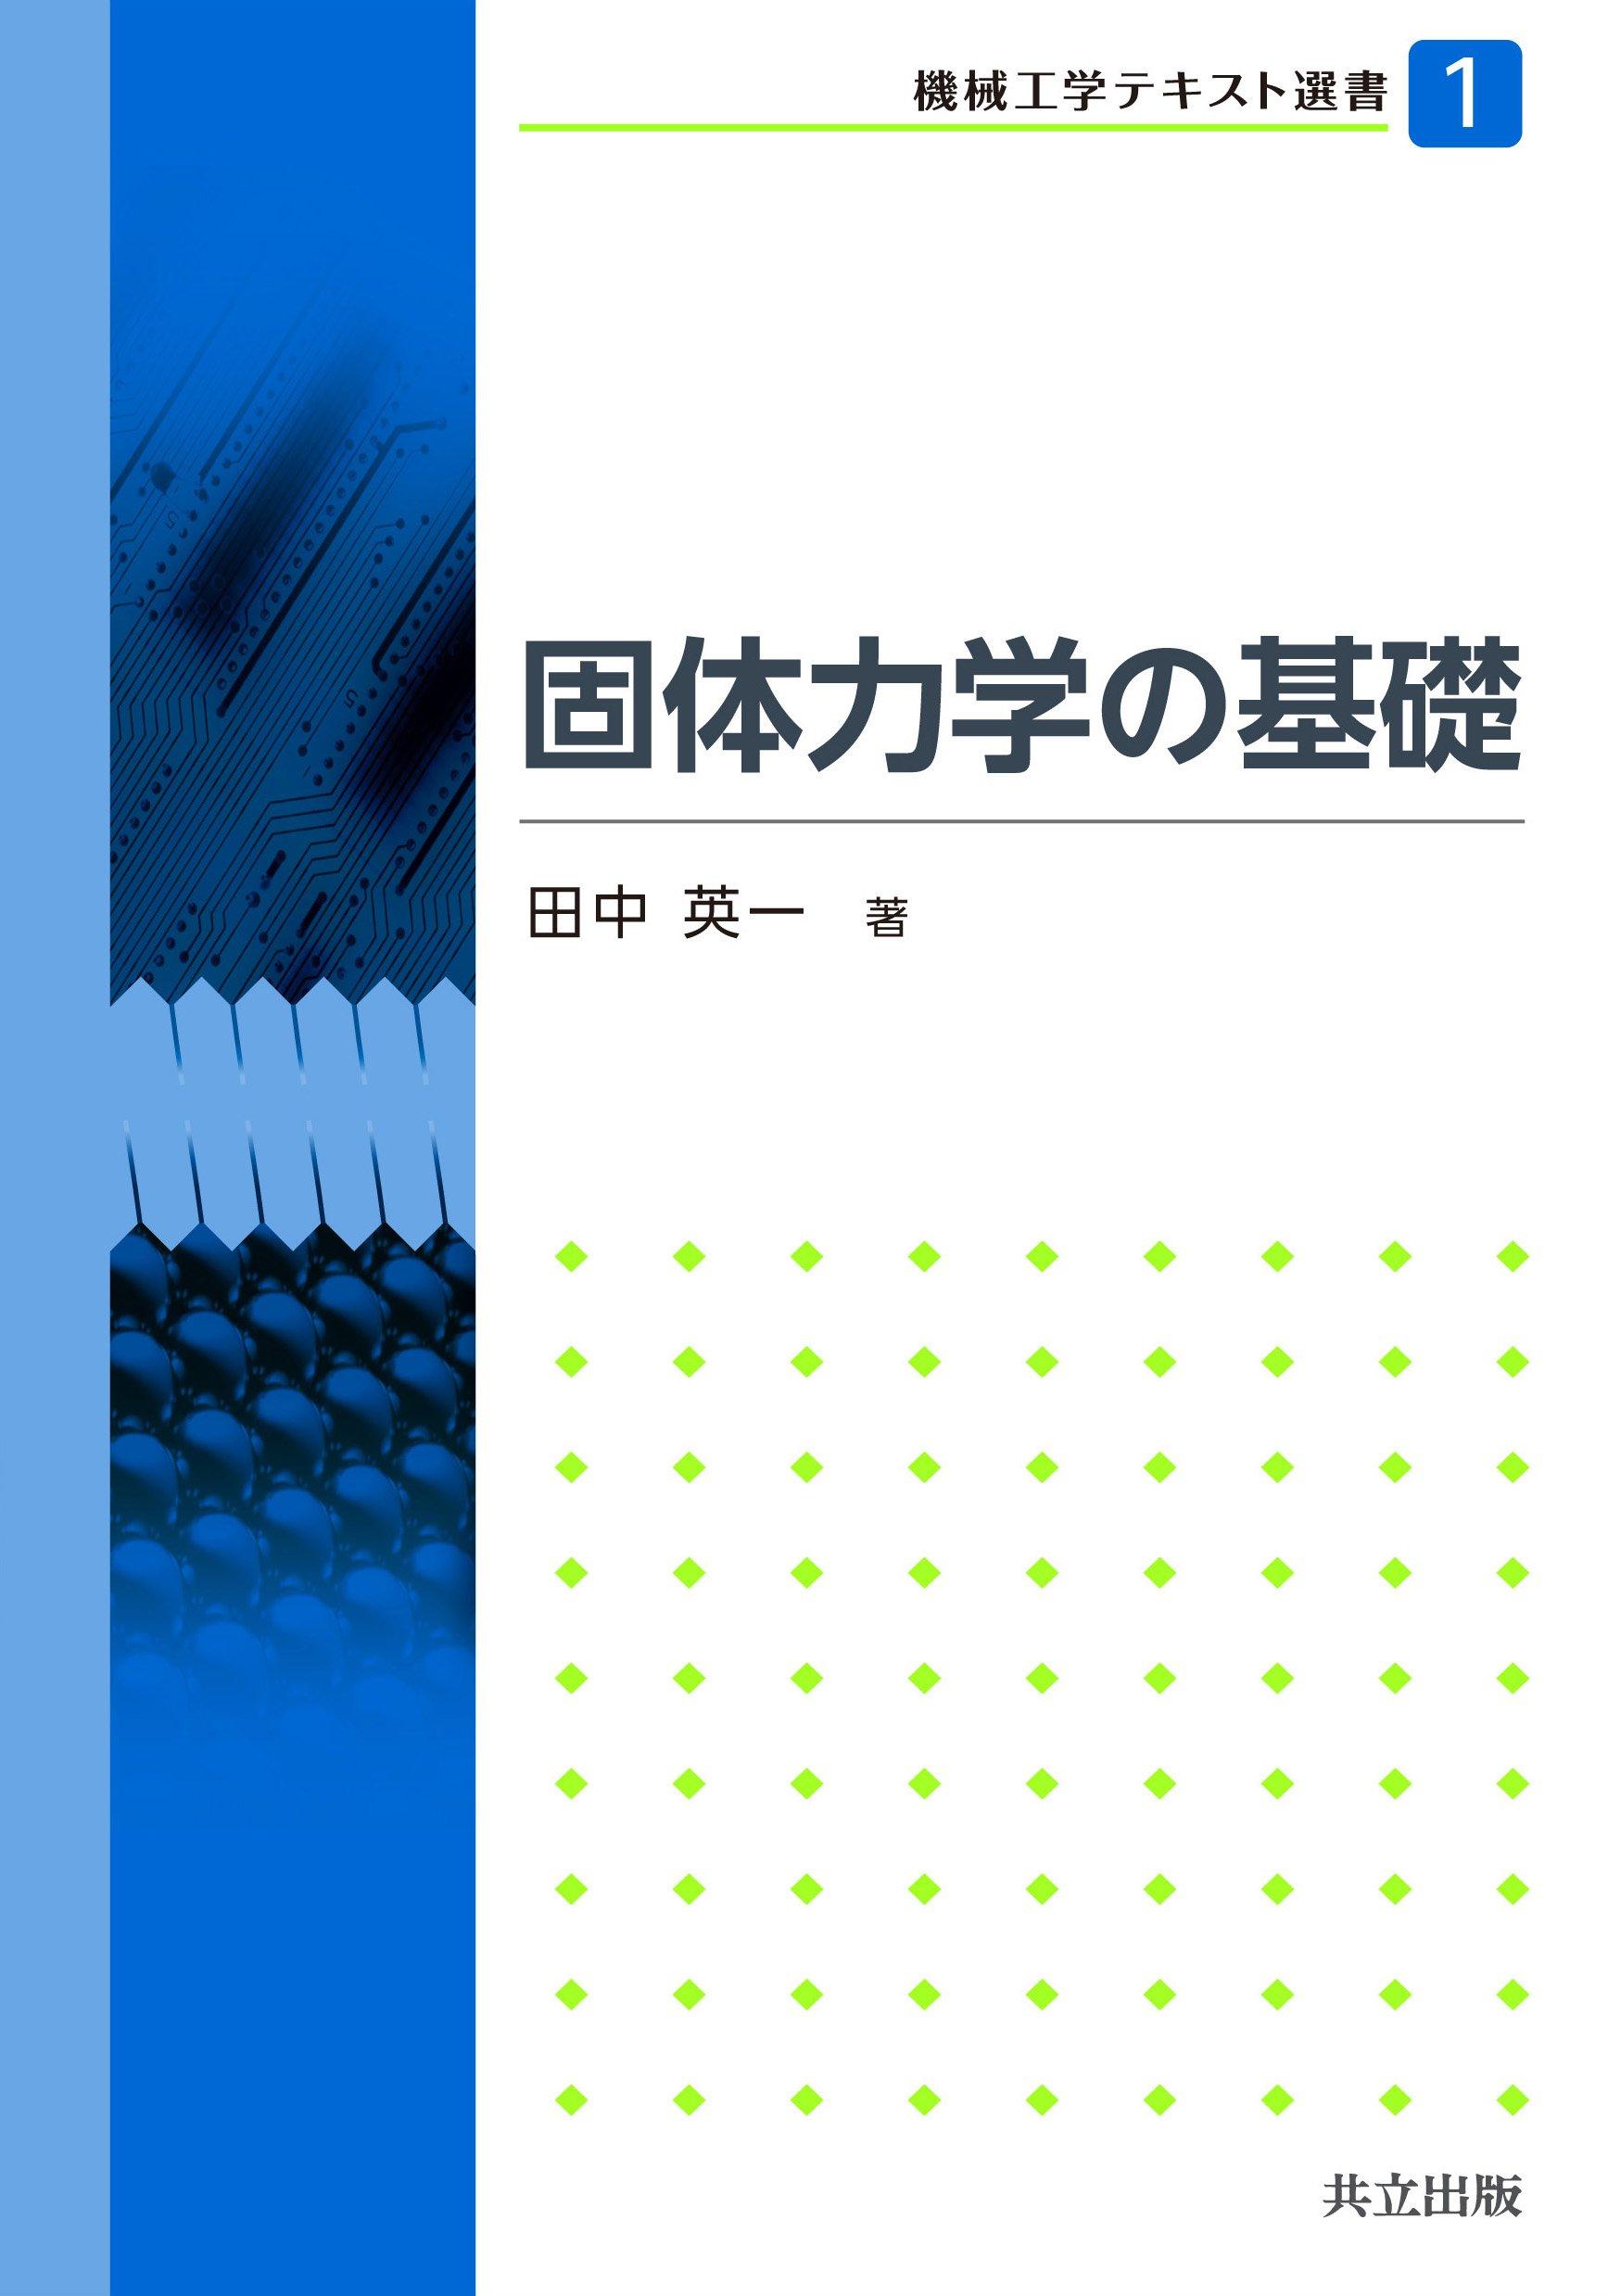 Kotai rikigaku no kiso. PDF